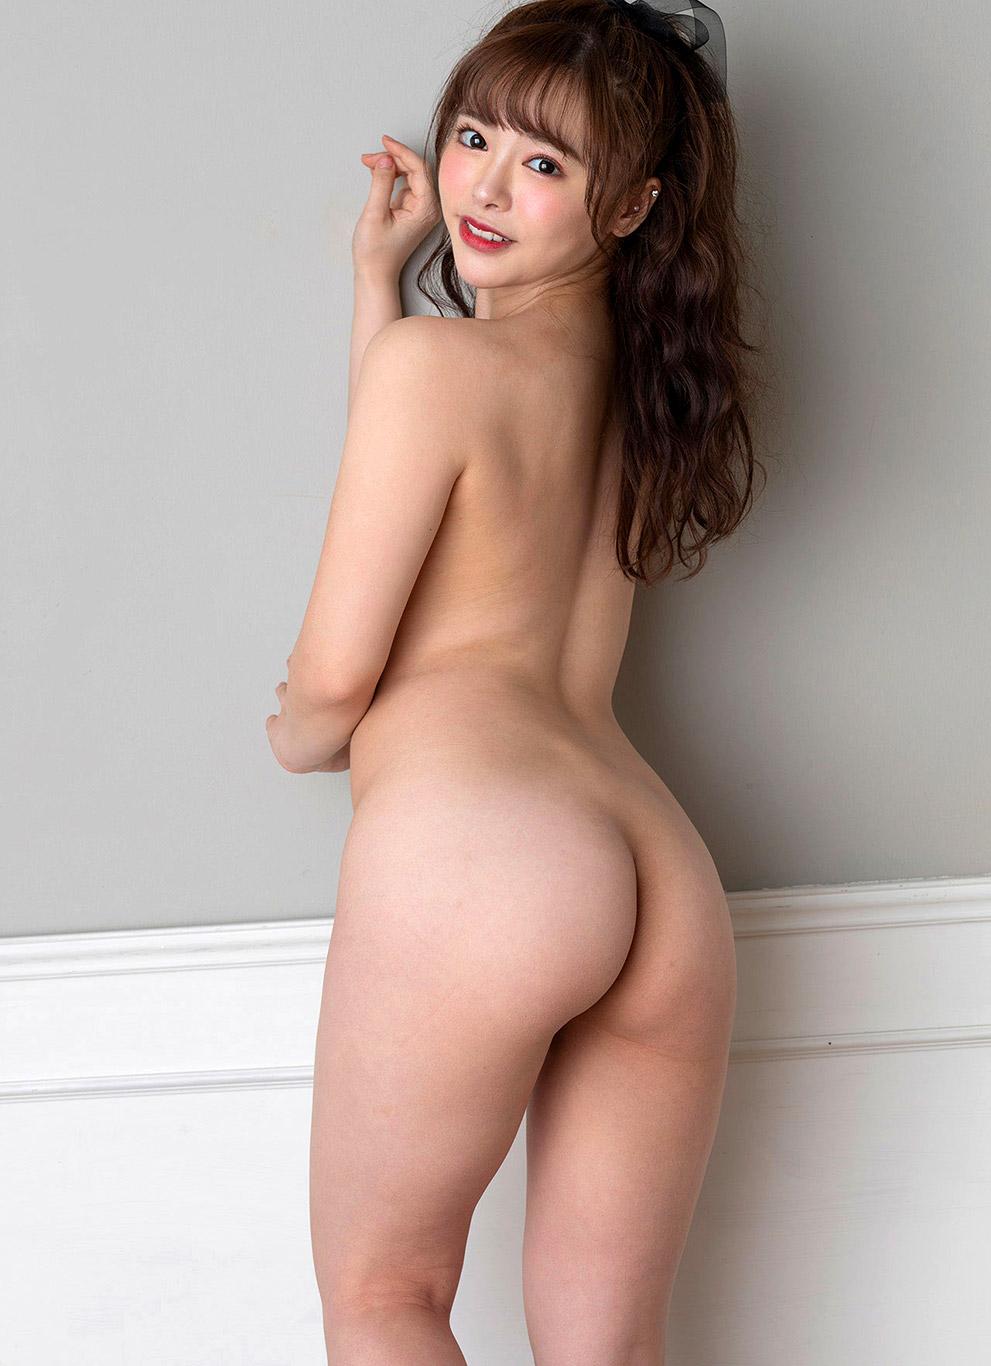 三次元 3次元 エロ画像 AV女優  小倉由菜 ヌード  べっぴん娘通信 097